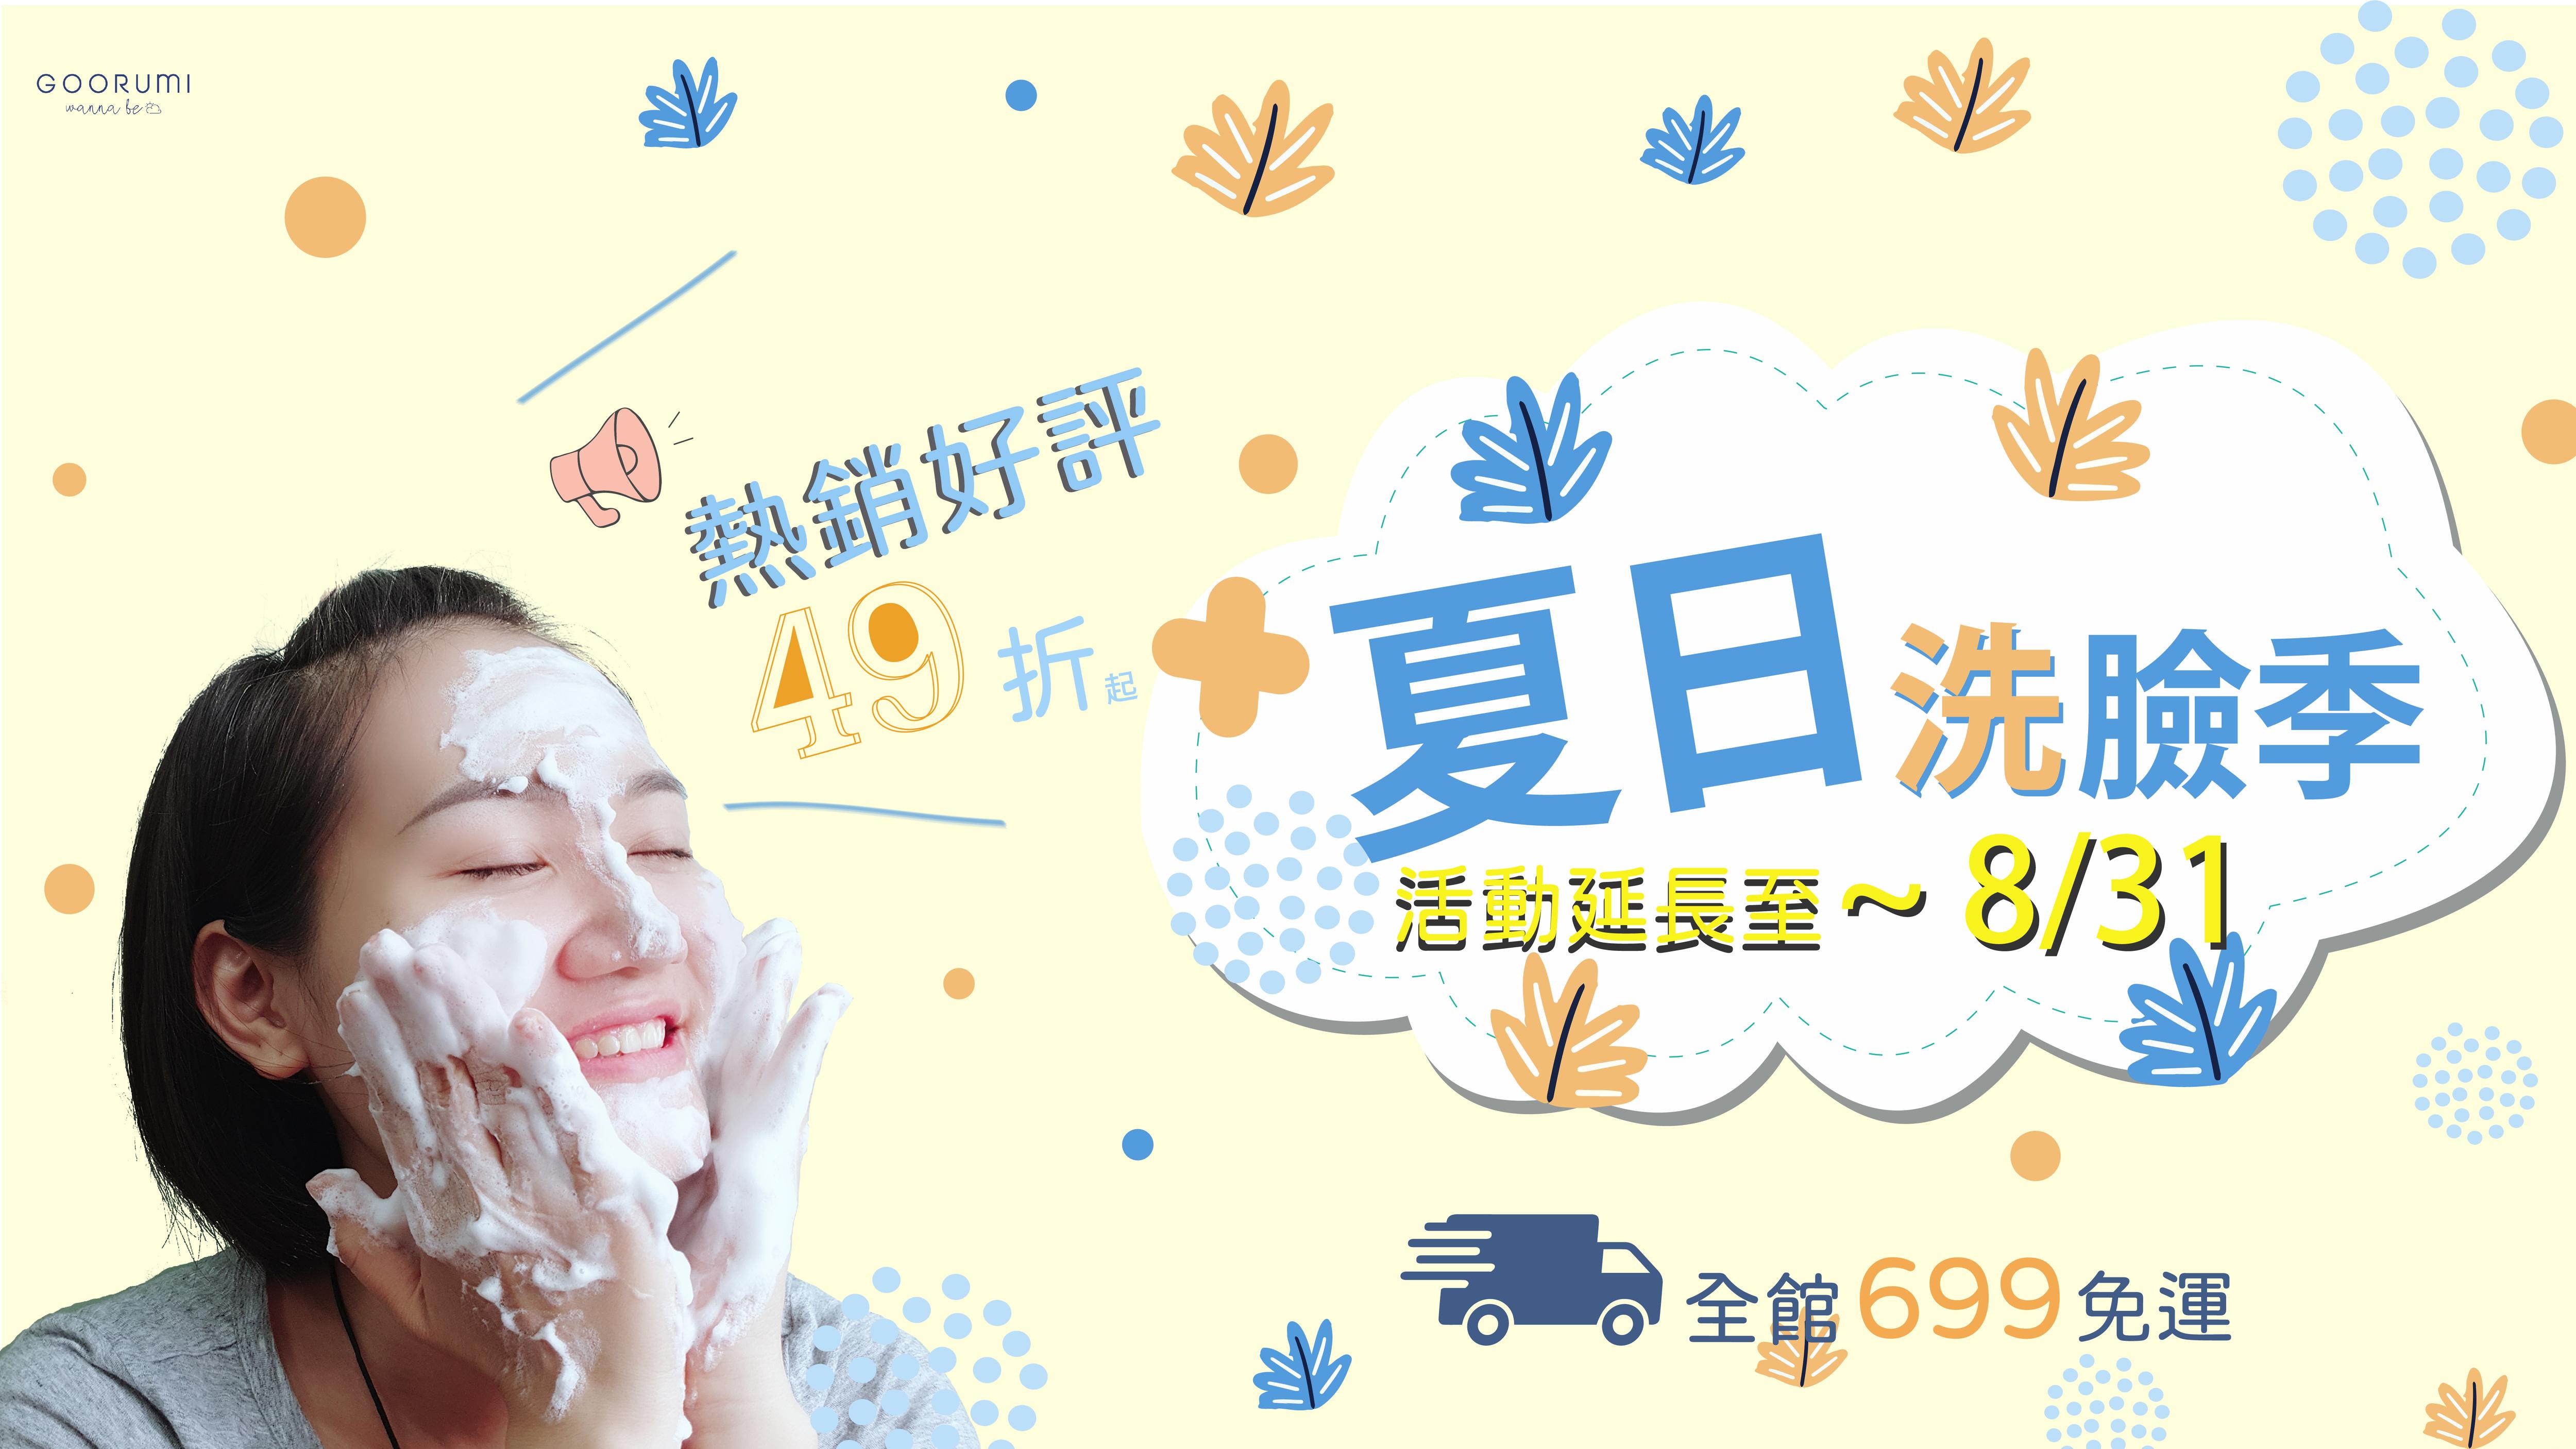 goorumi,49折,夏天,699免運,振興,下殺,洗臉,活動